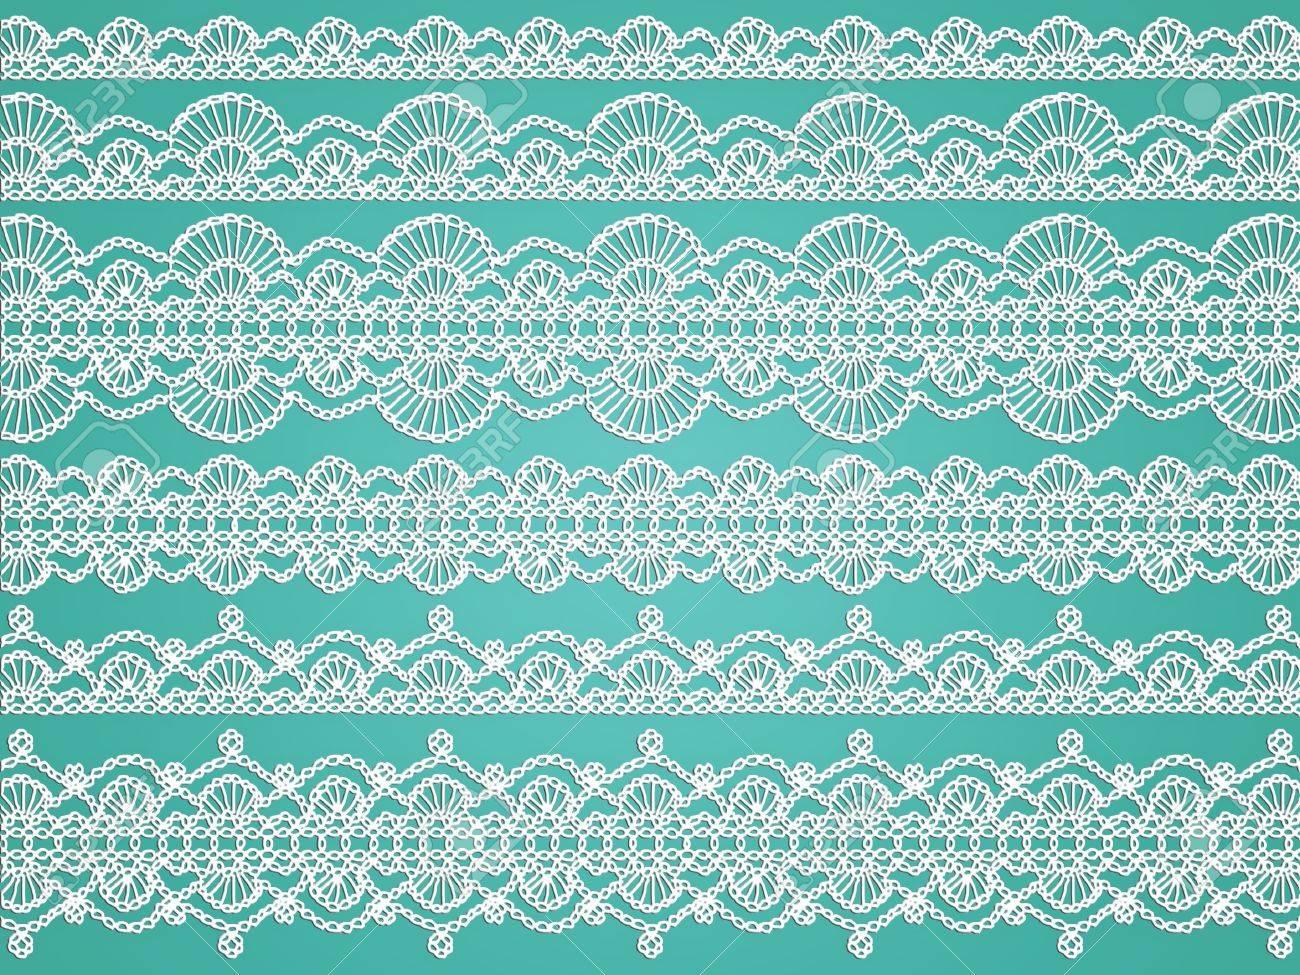 Crochet Blanco Delicado Transparentes Patrones De Tela De Tejido ...